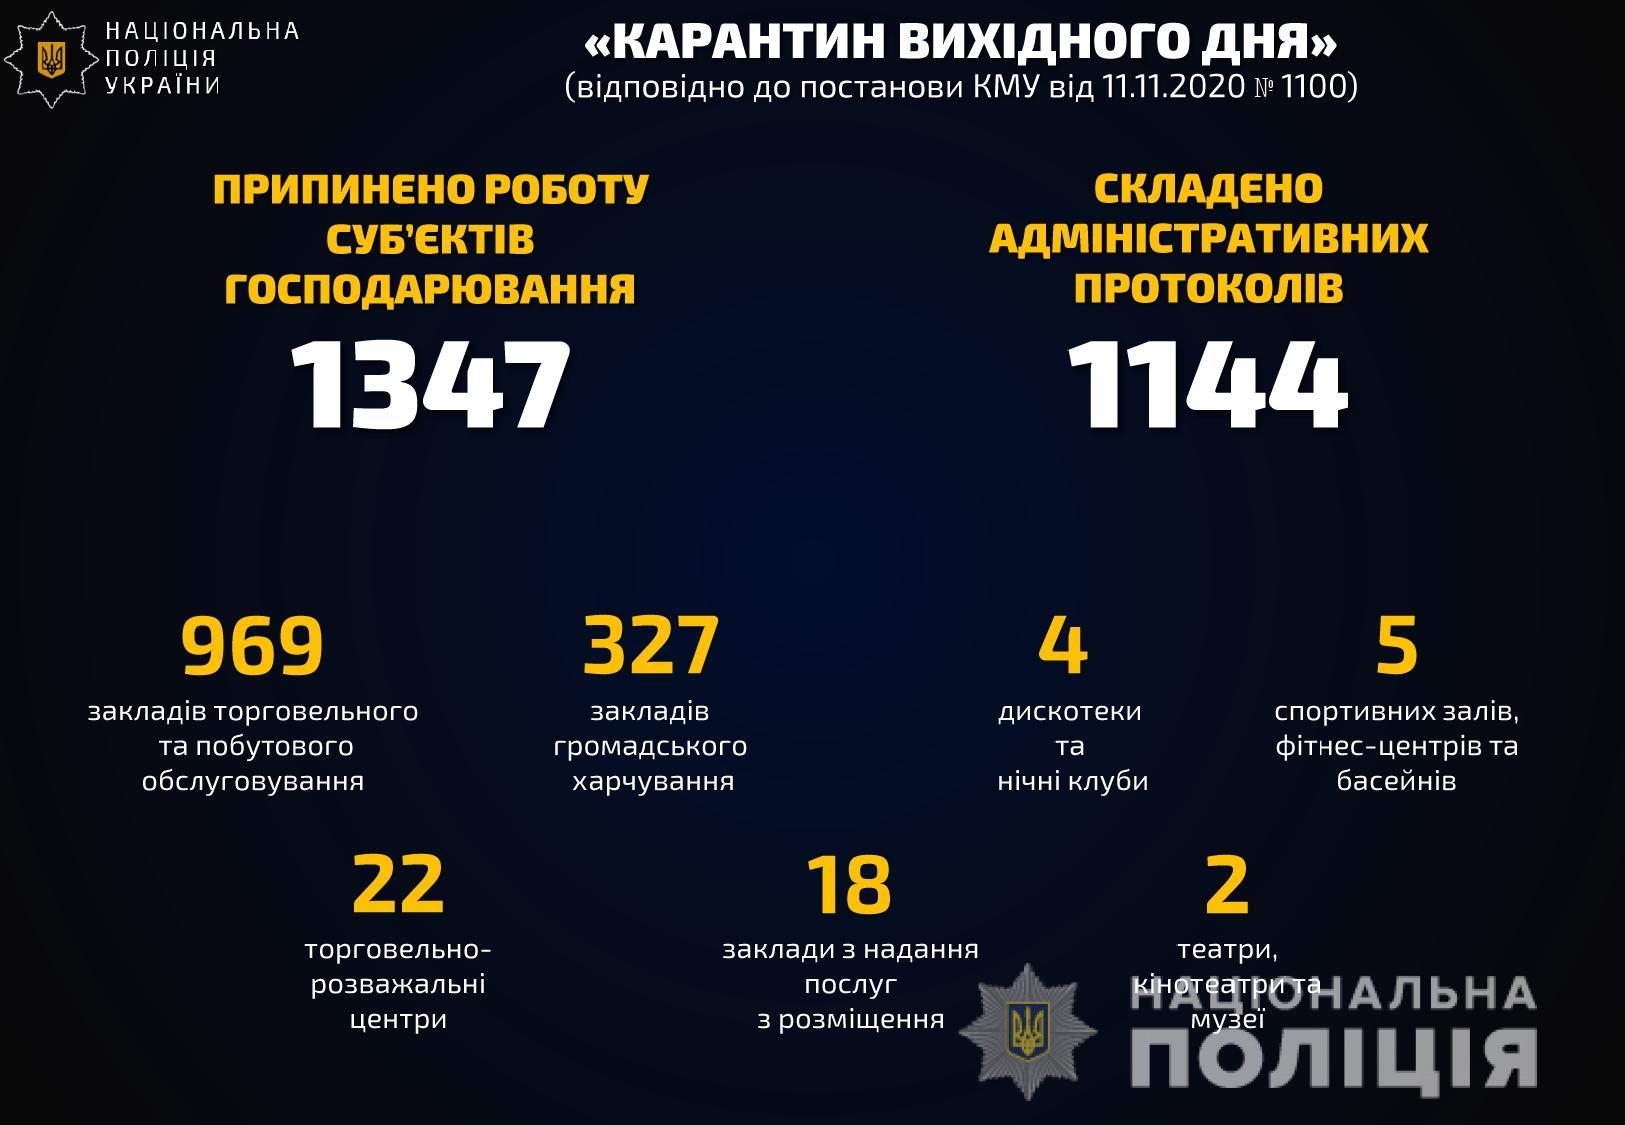 За два дні поліція виписала майже 1400 протоколів за неносіння маски - штрафи, медичні маски, коронавірус - karantun 1